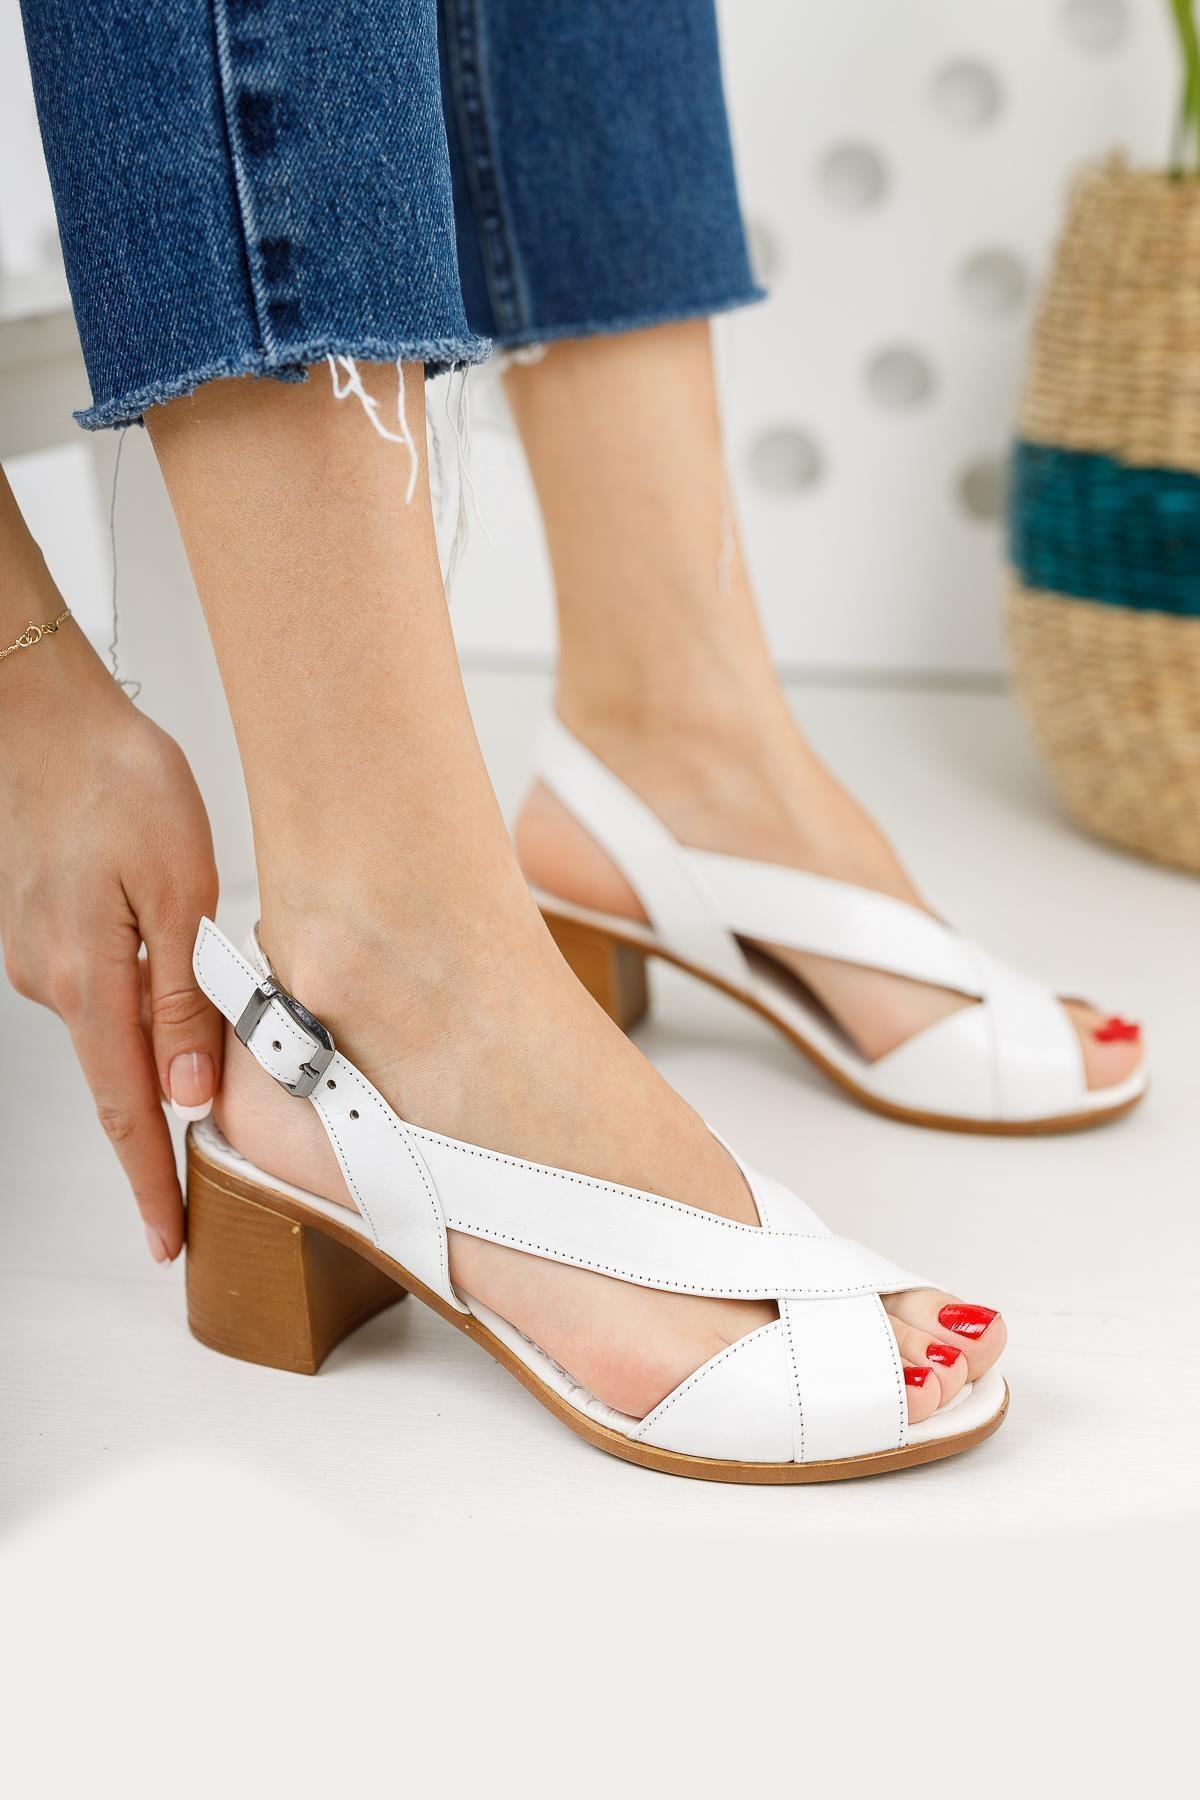 Deri Kadın Günlük Klasik Topuklu Sandalet